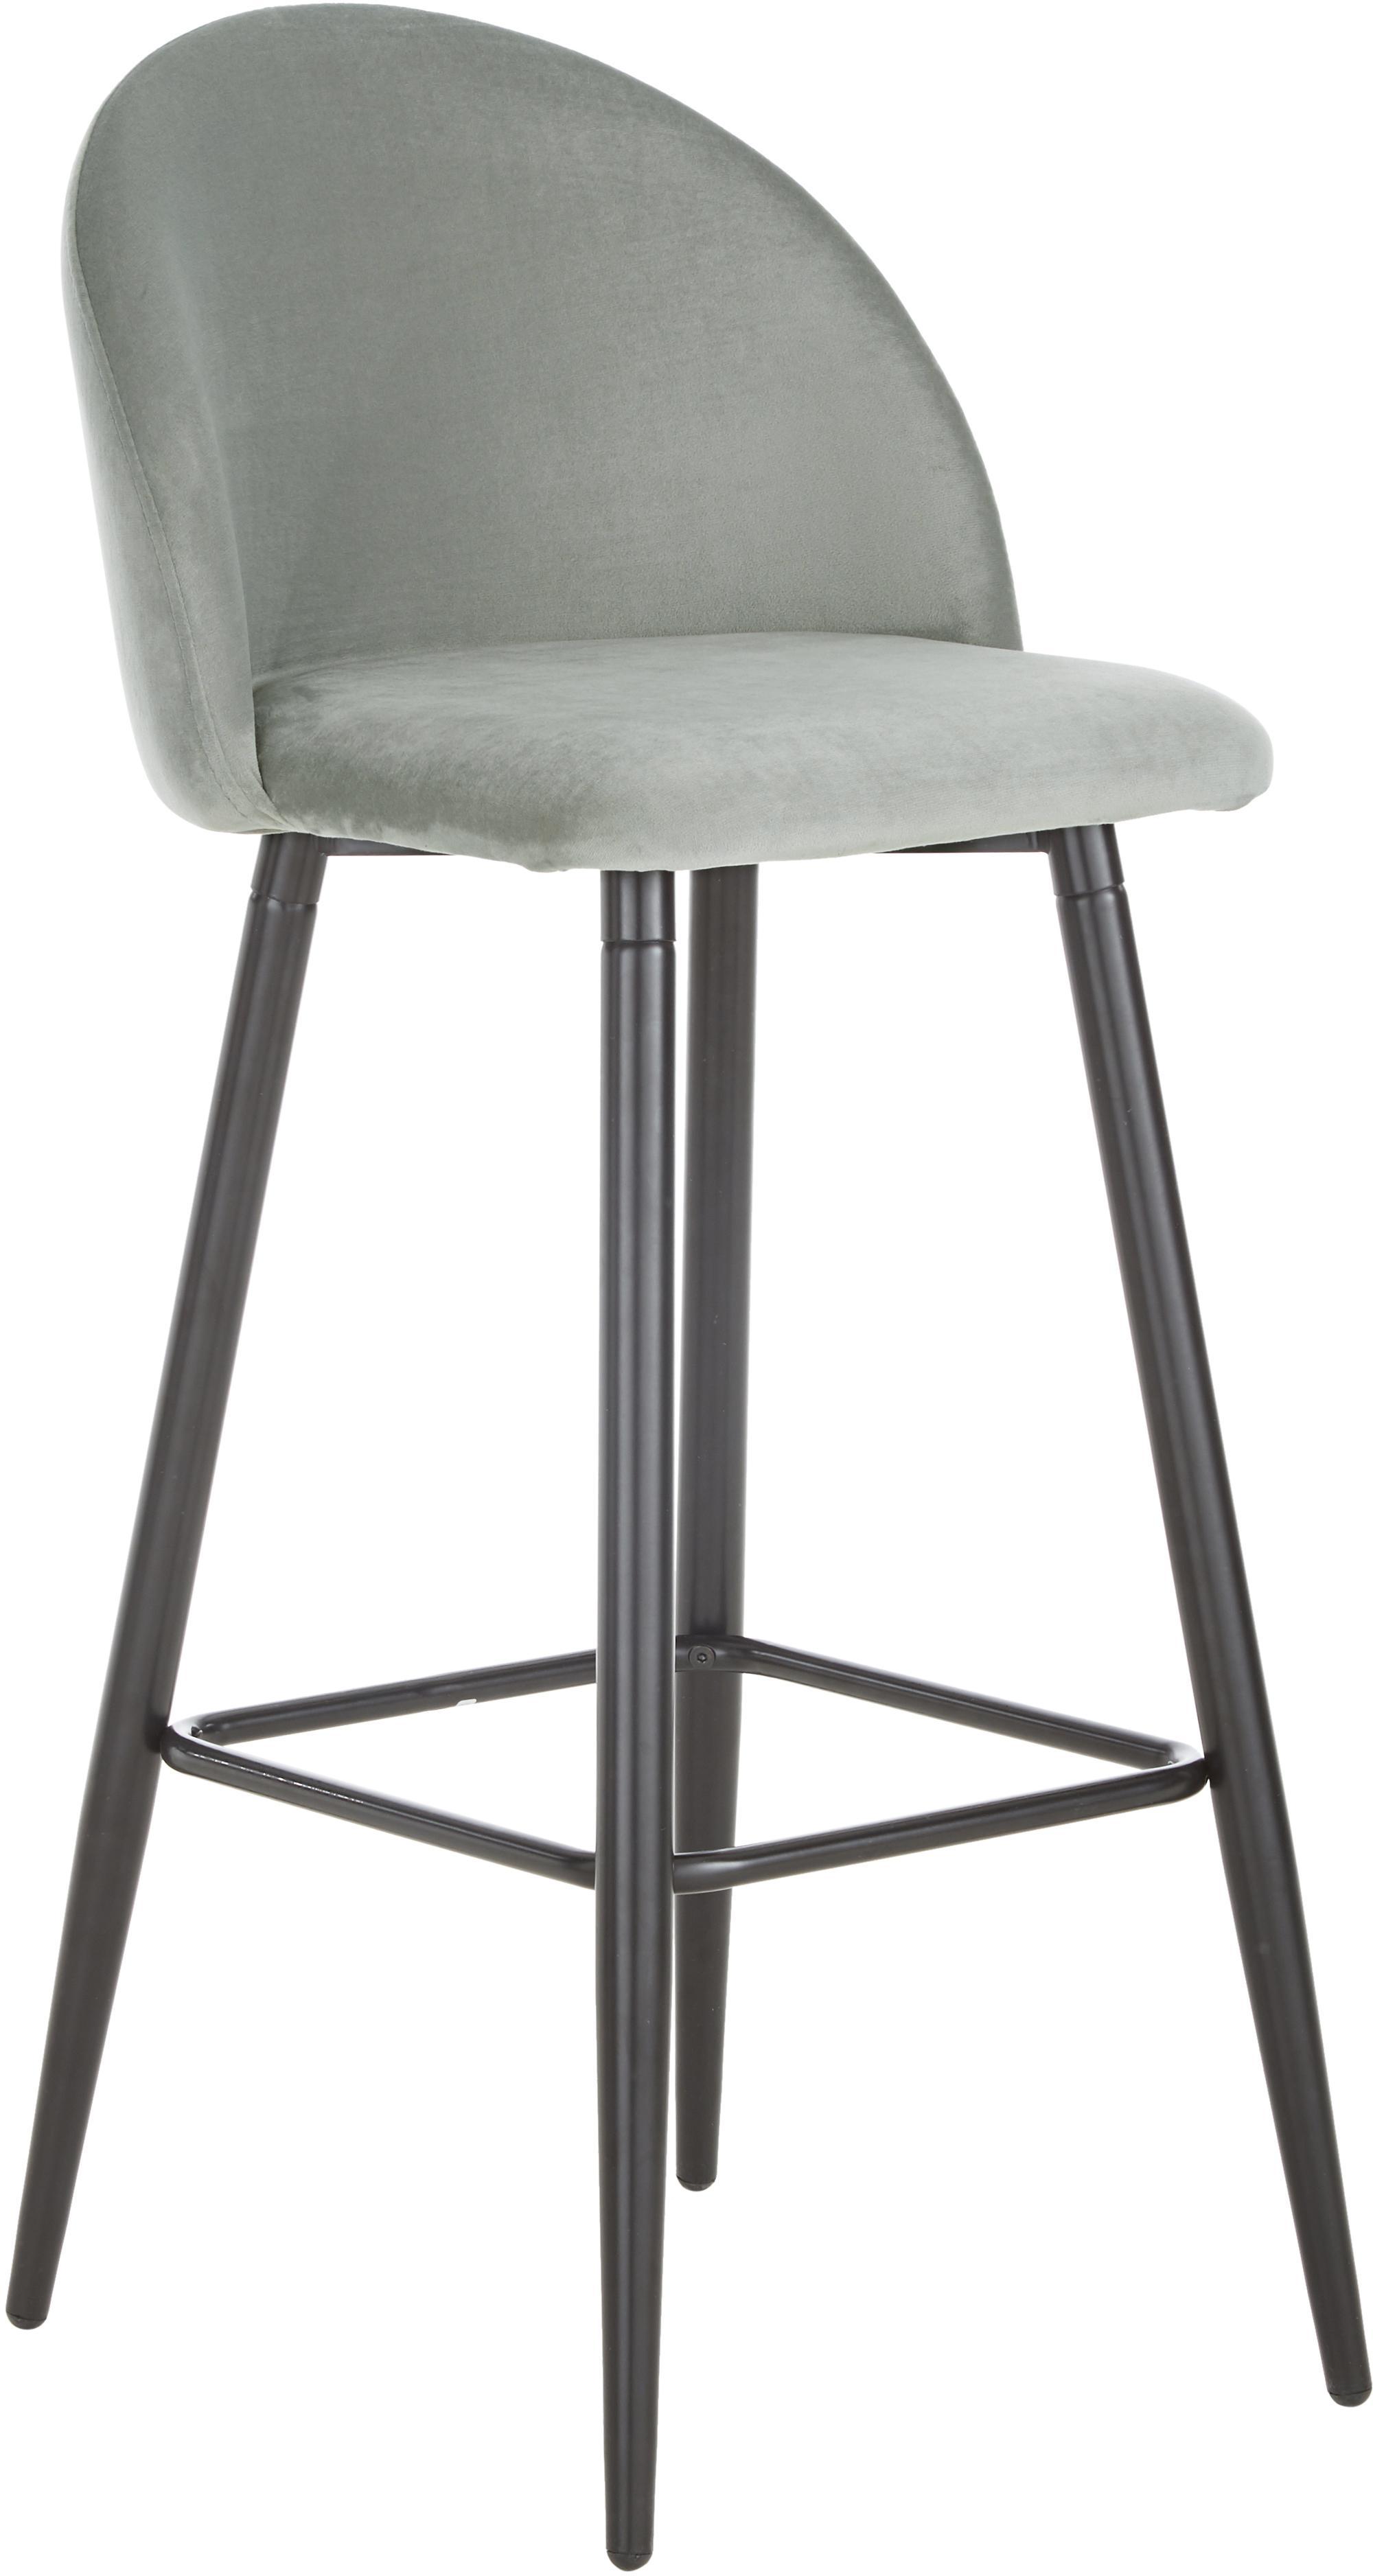 Sedia da bar grigiastra Amy in velluto, Rivestimento: velluto (poliestere) 20.0, Gambe: metallo verniciato a polv, Rivestimento: grigio Gambe: nero opaco, Larg. 45 x Alt. 103 cm